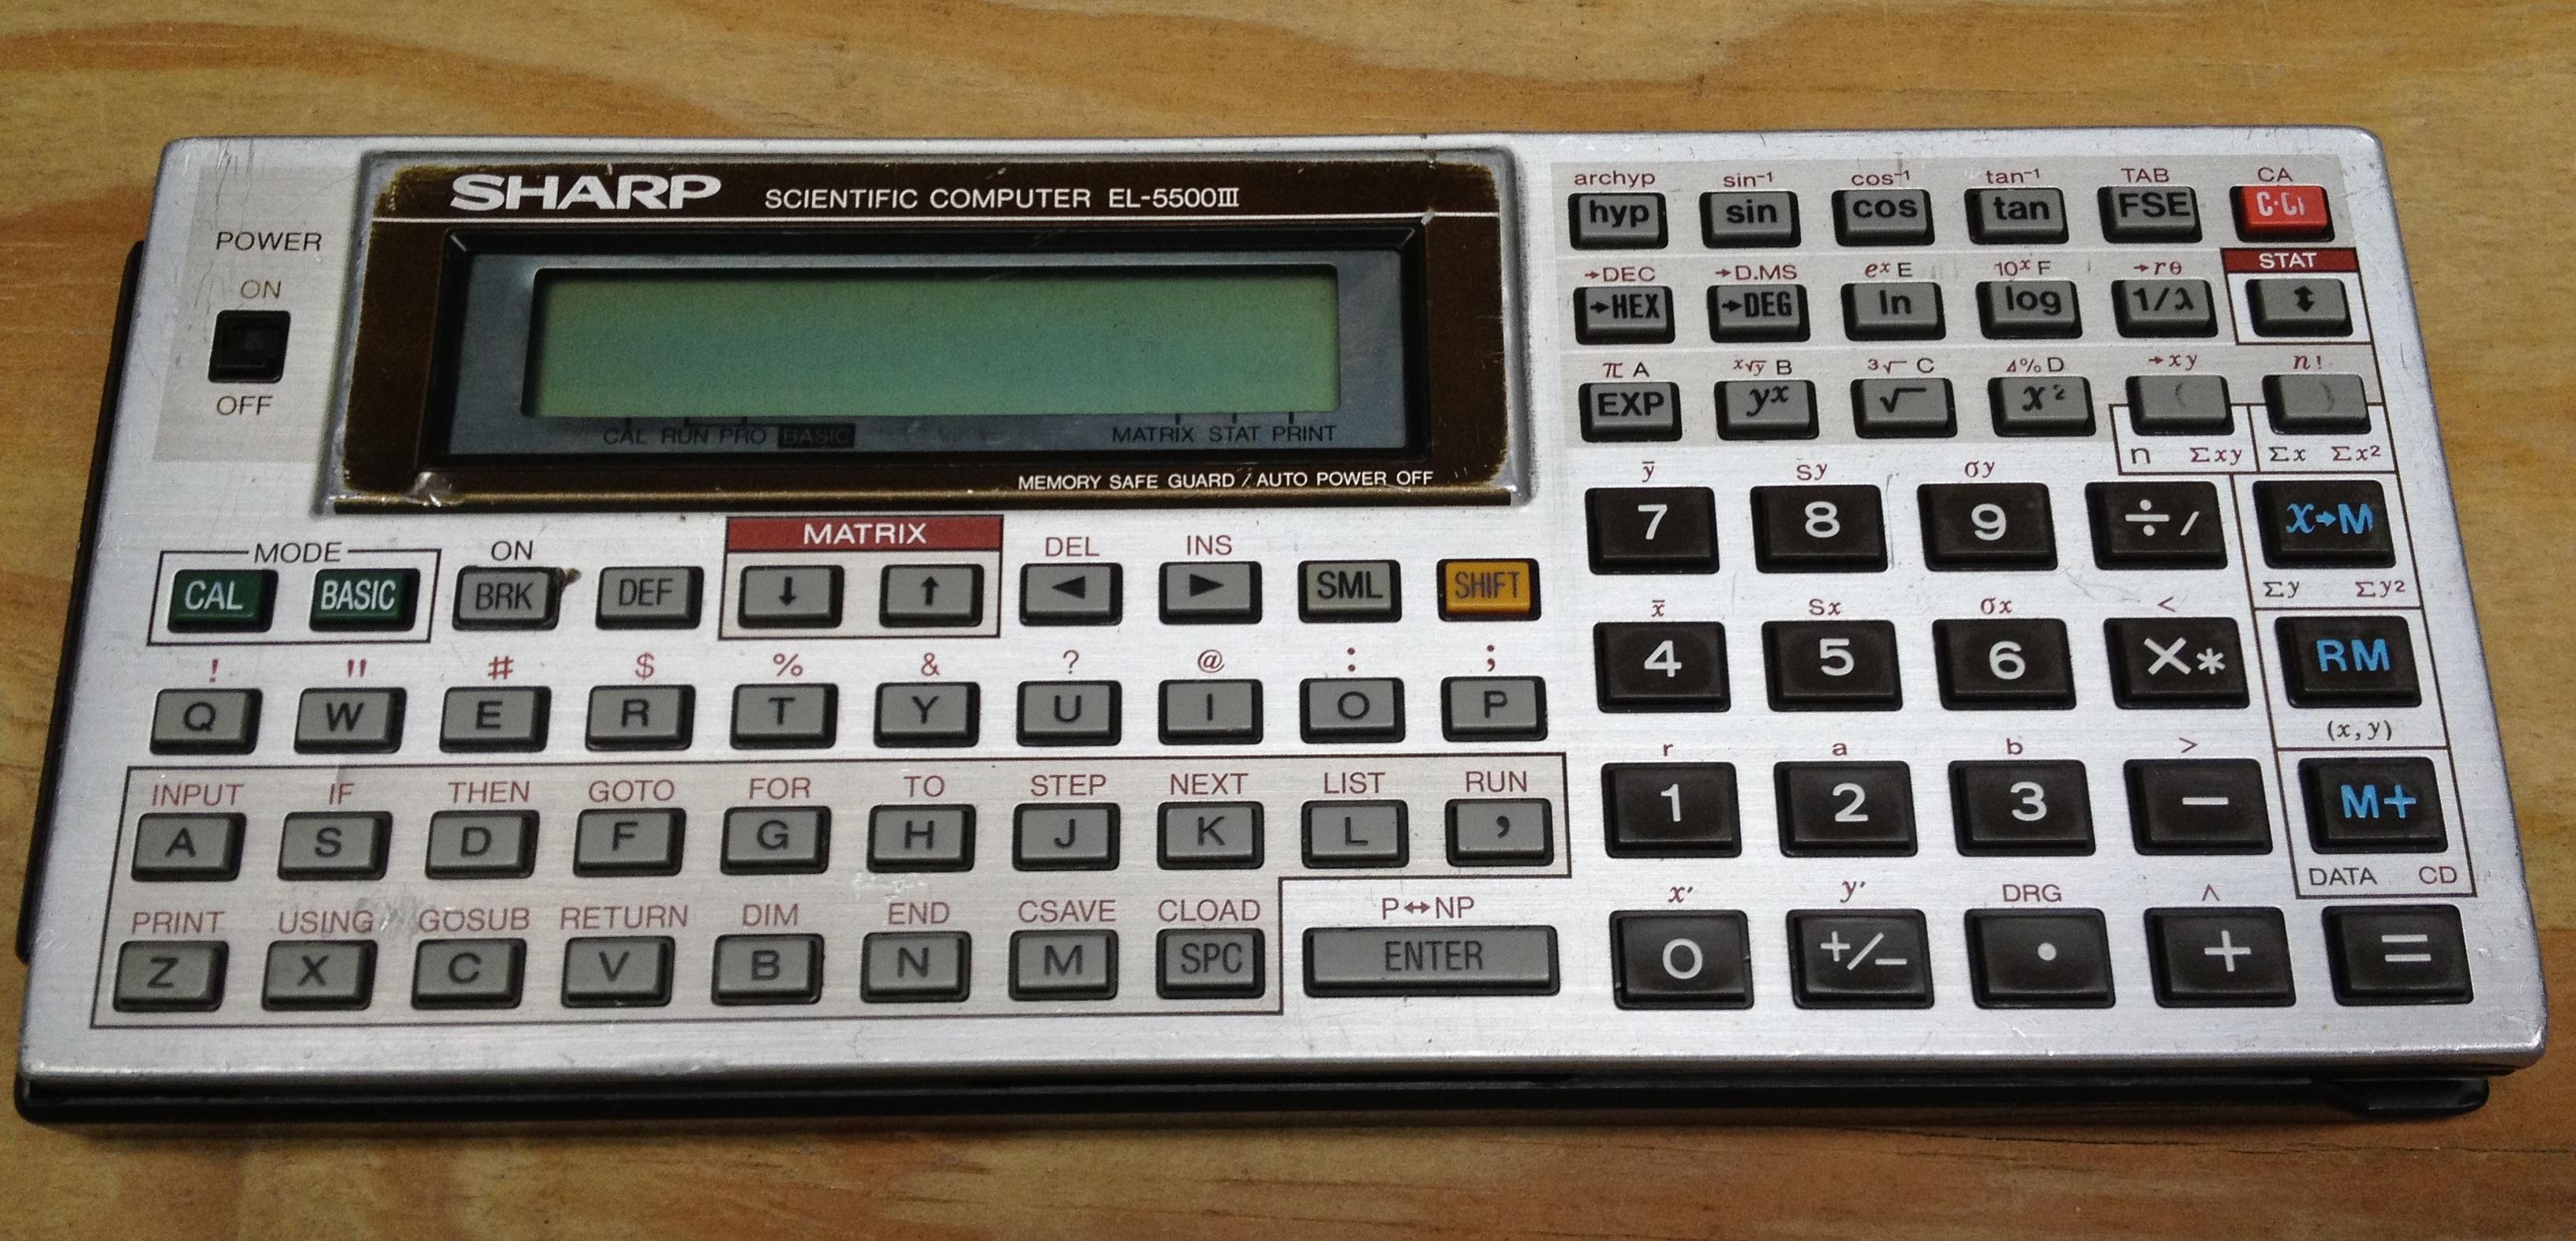 sharp el 9000 calculator manual